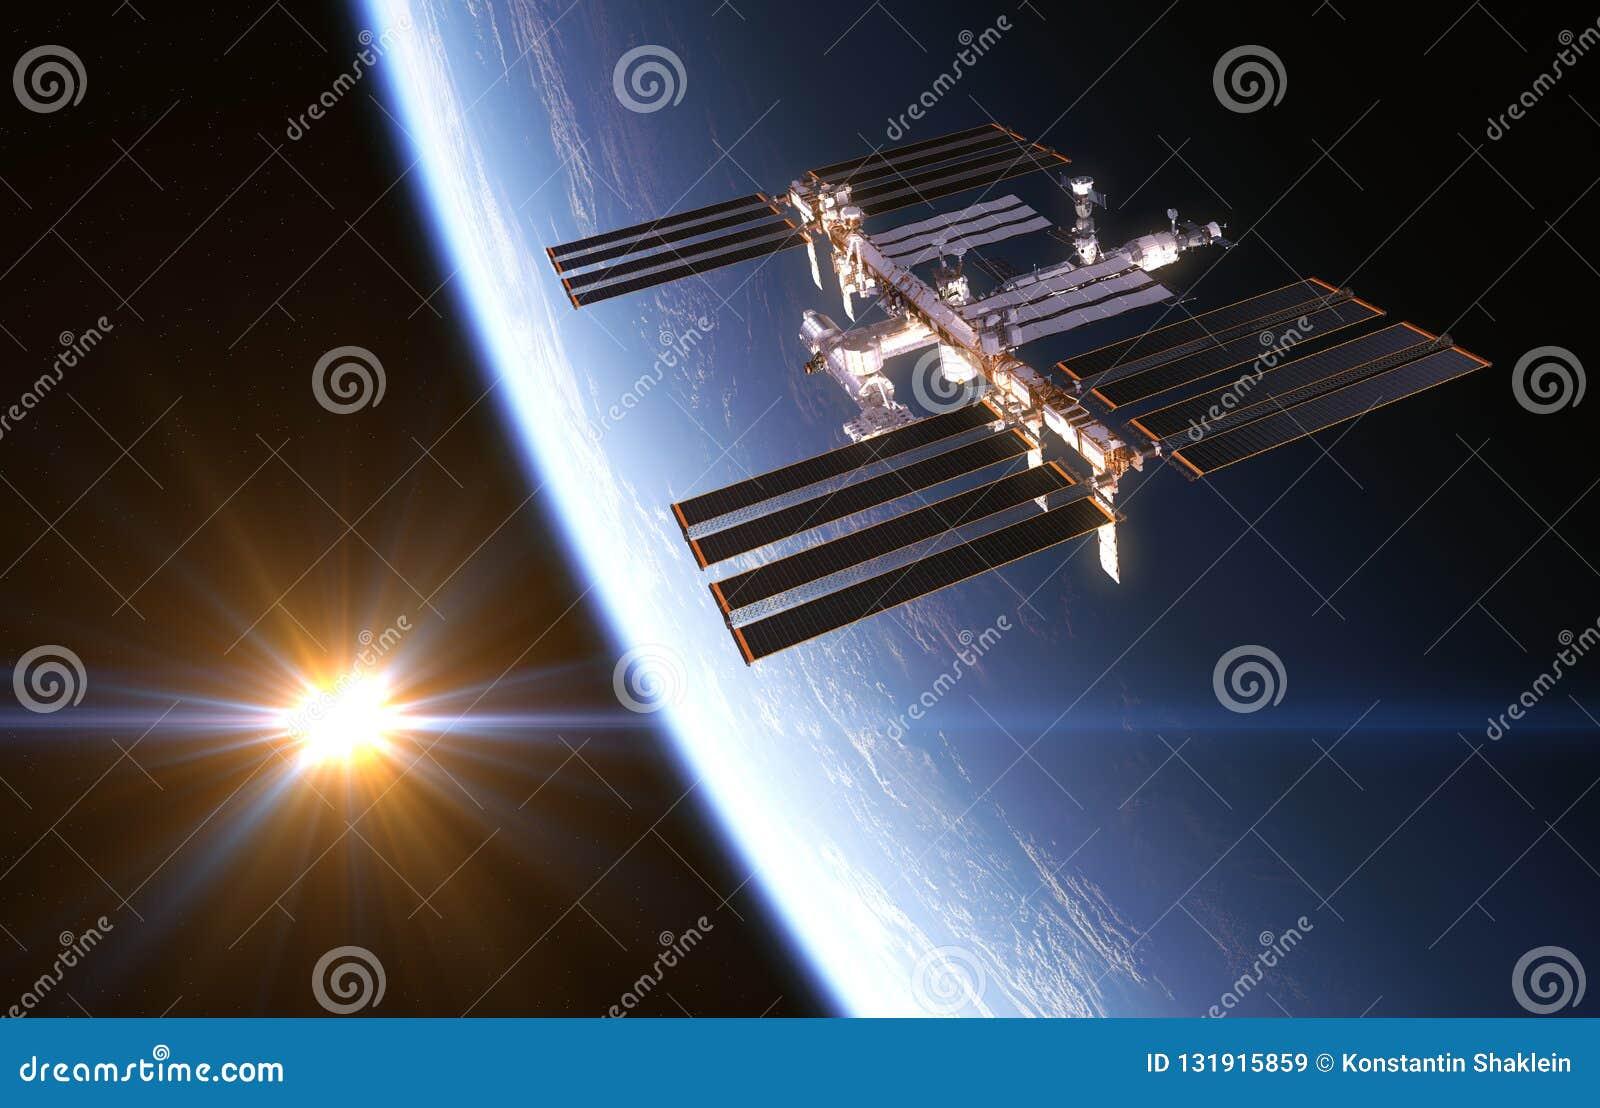 Estación espacial internacional en el fondo del sol naciente